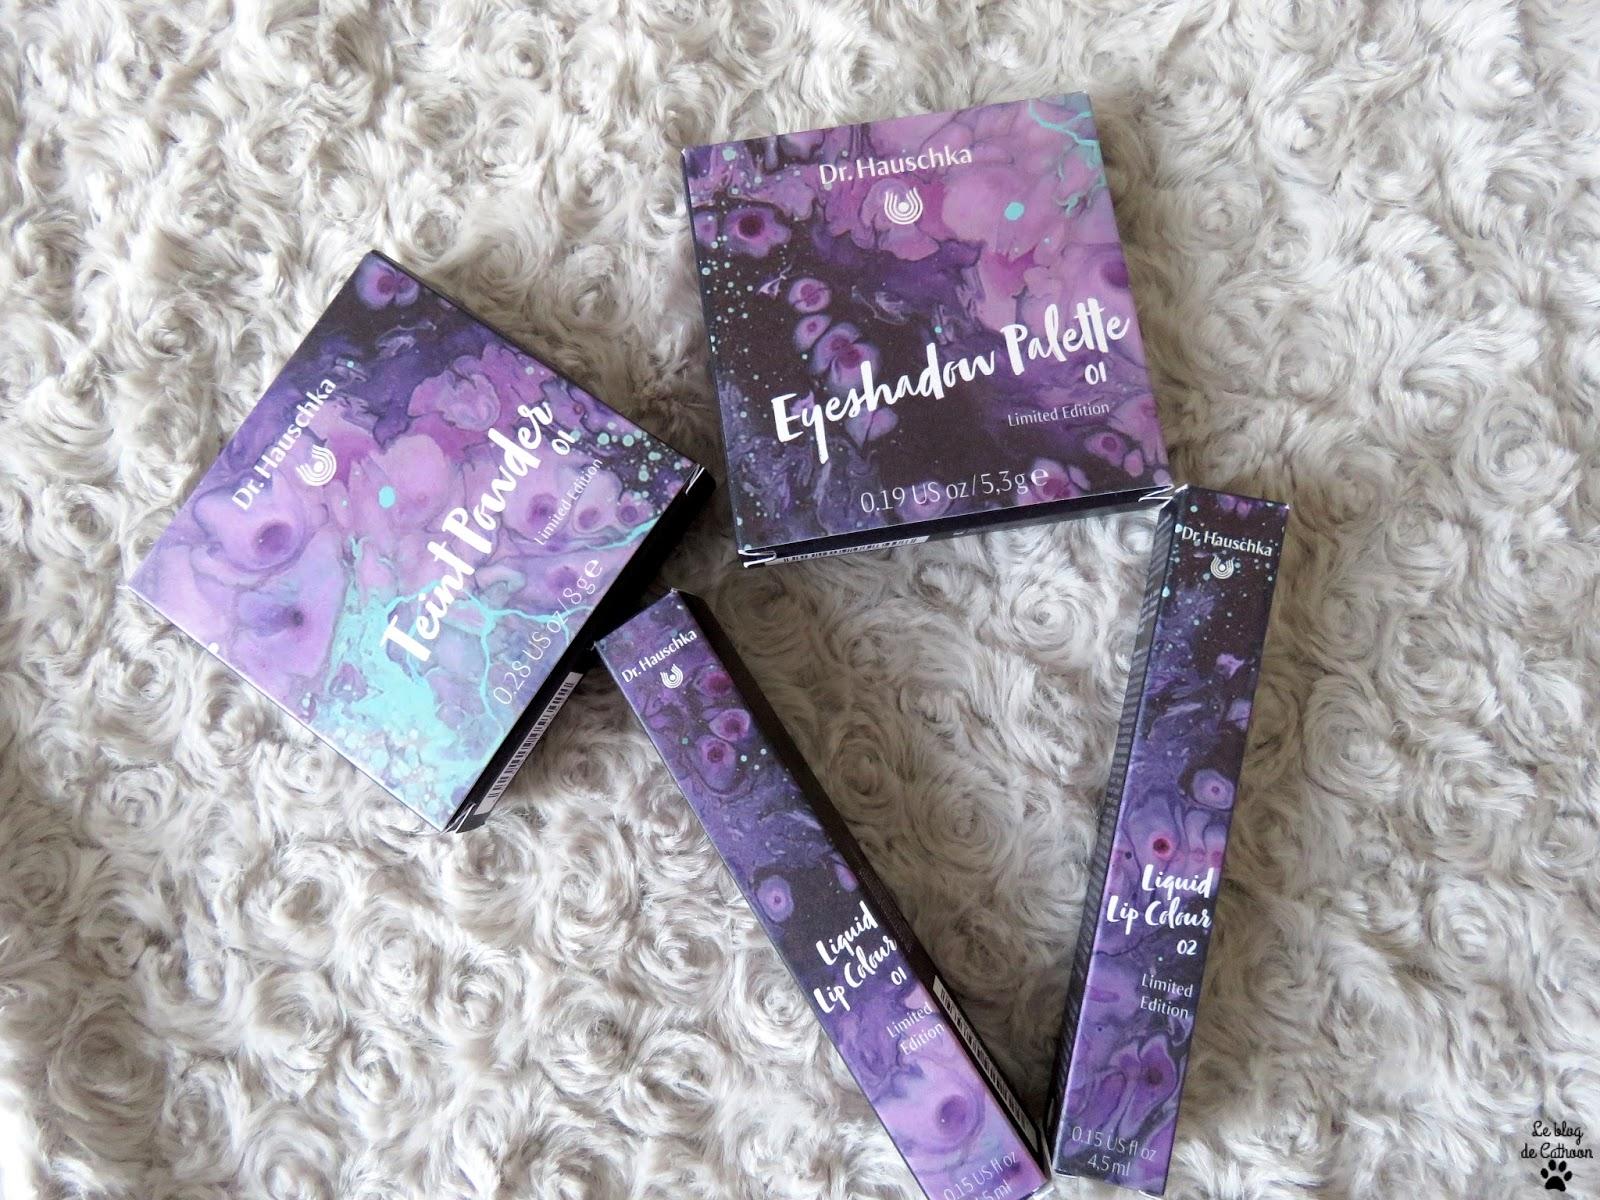 Purple Light, collection limitée printemps 2018 de Dr Hauschka